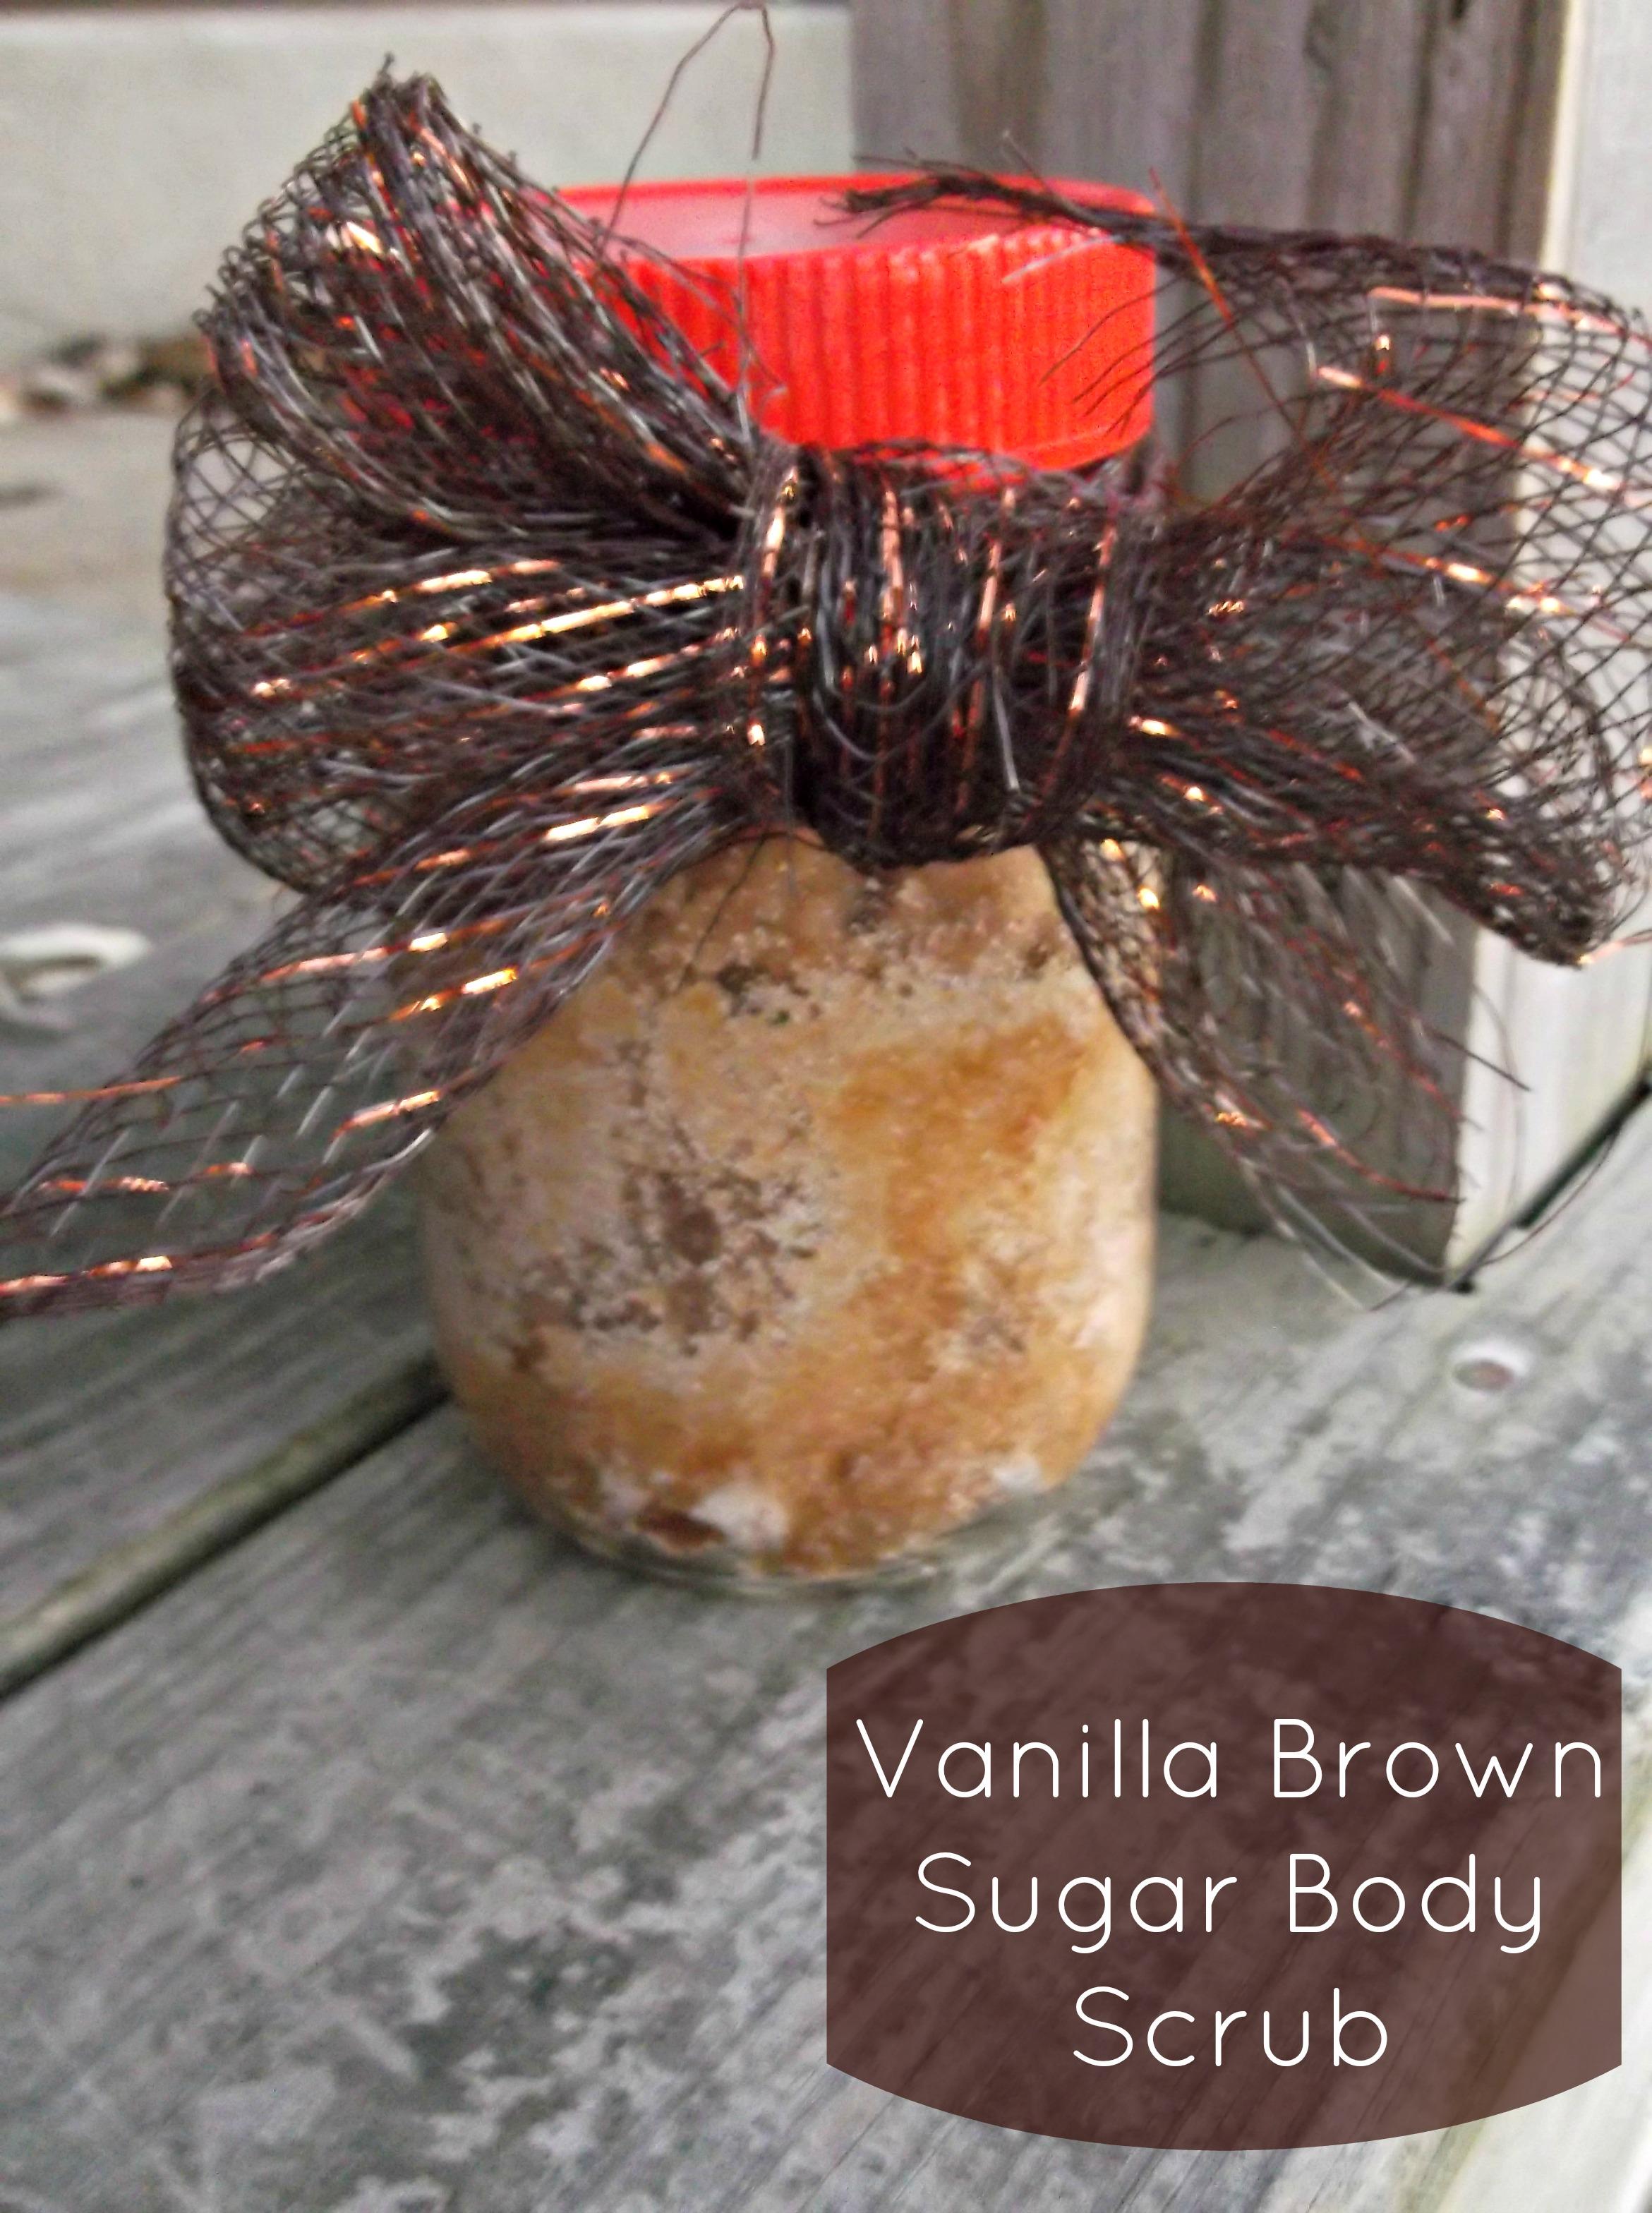 Vanilla Brown Sugar Body Scrub – Homemade Recipe